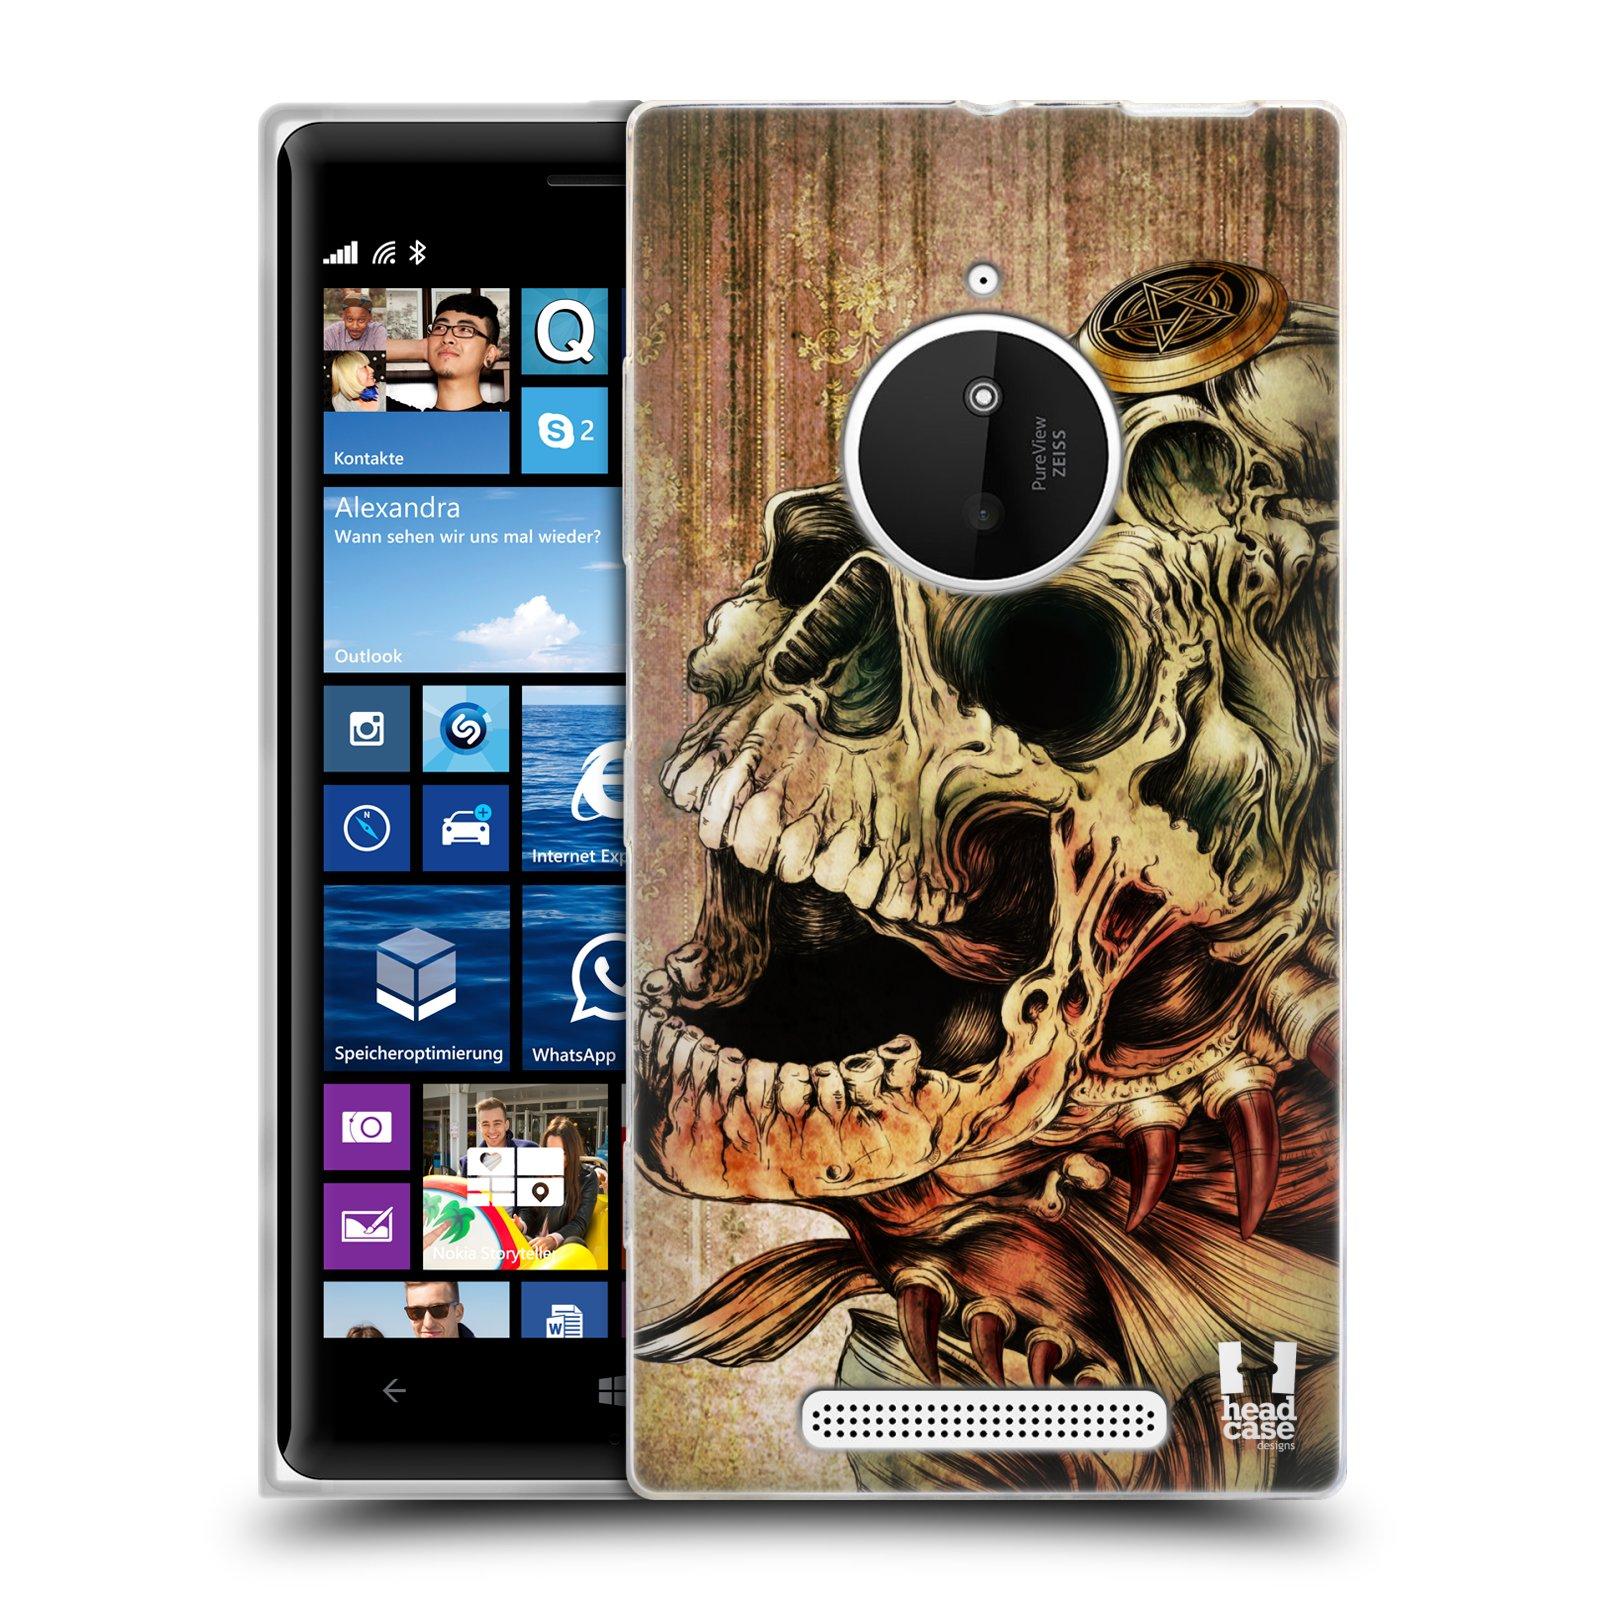 Silikonové pouzdro na mobil Nokia Lumia 830 HEAD CASE PIRANHA (Silikonový kryt či obal na mobilní telefon Nokia Lumia 830)